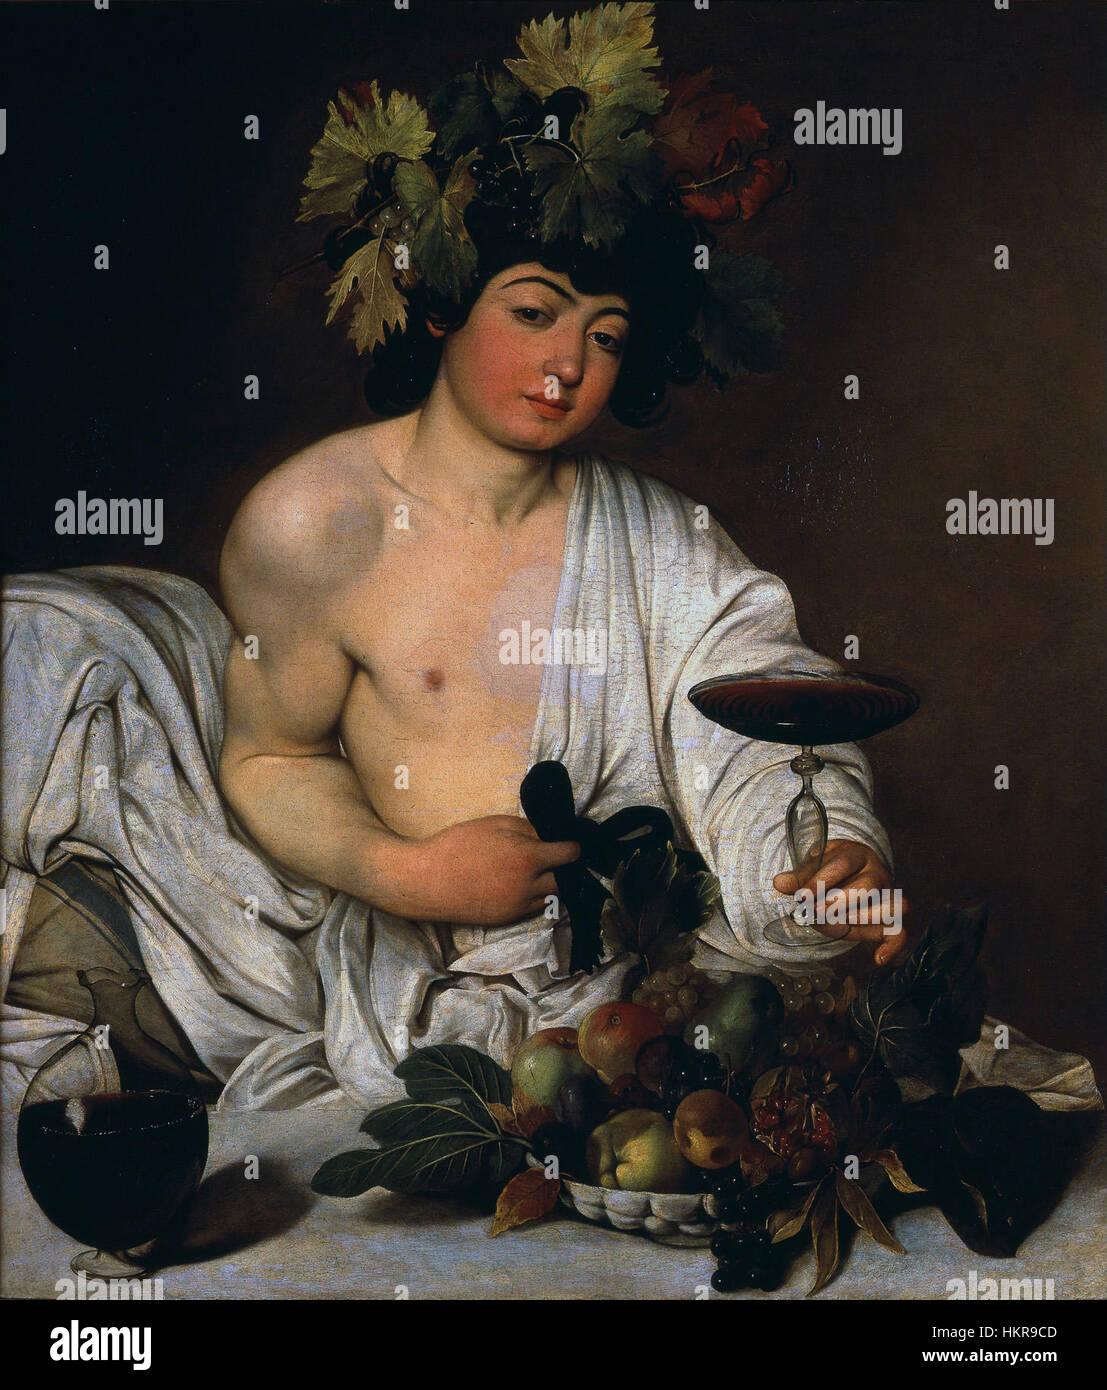 Caravaggio - Bacco adolescente - Proyecto de arte de Google Imagen De Stock